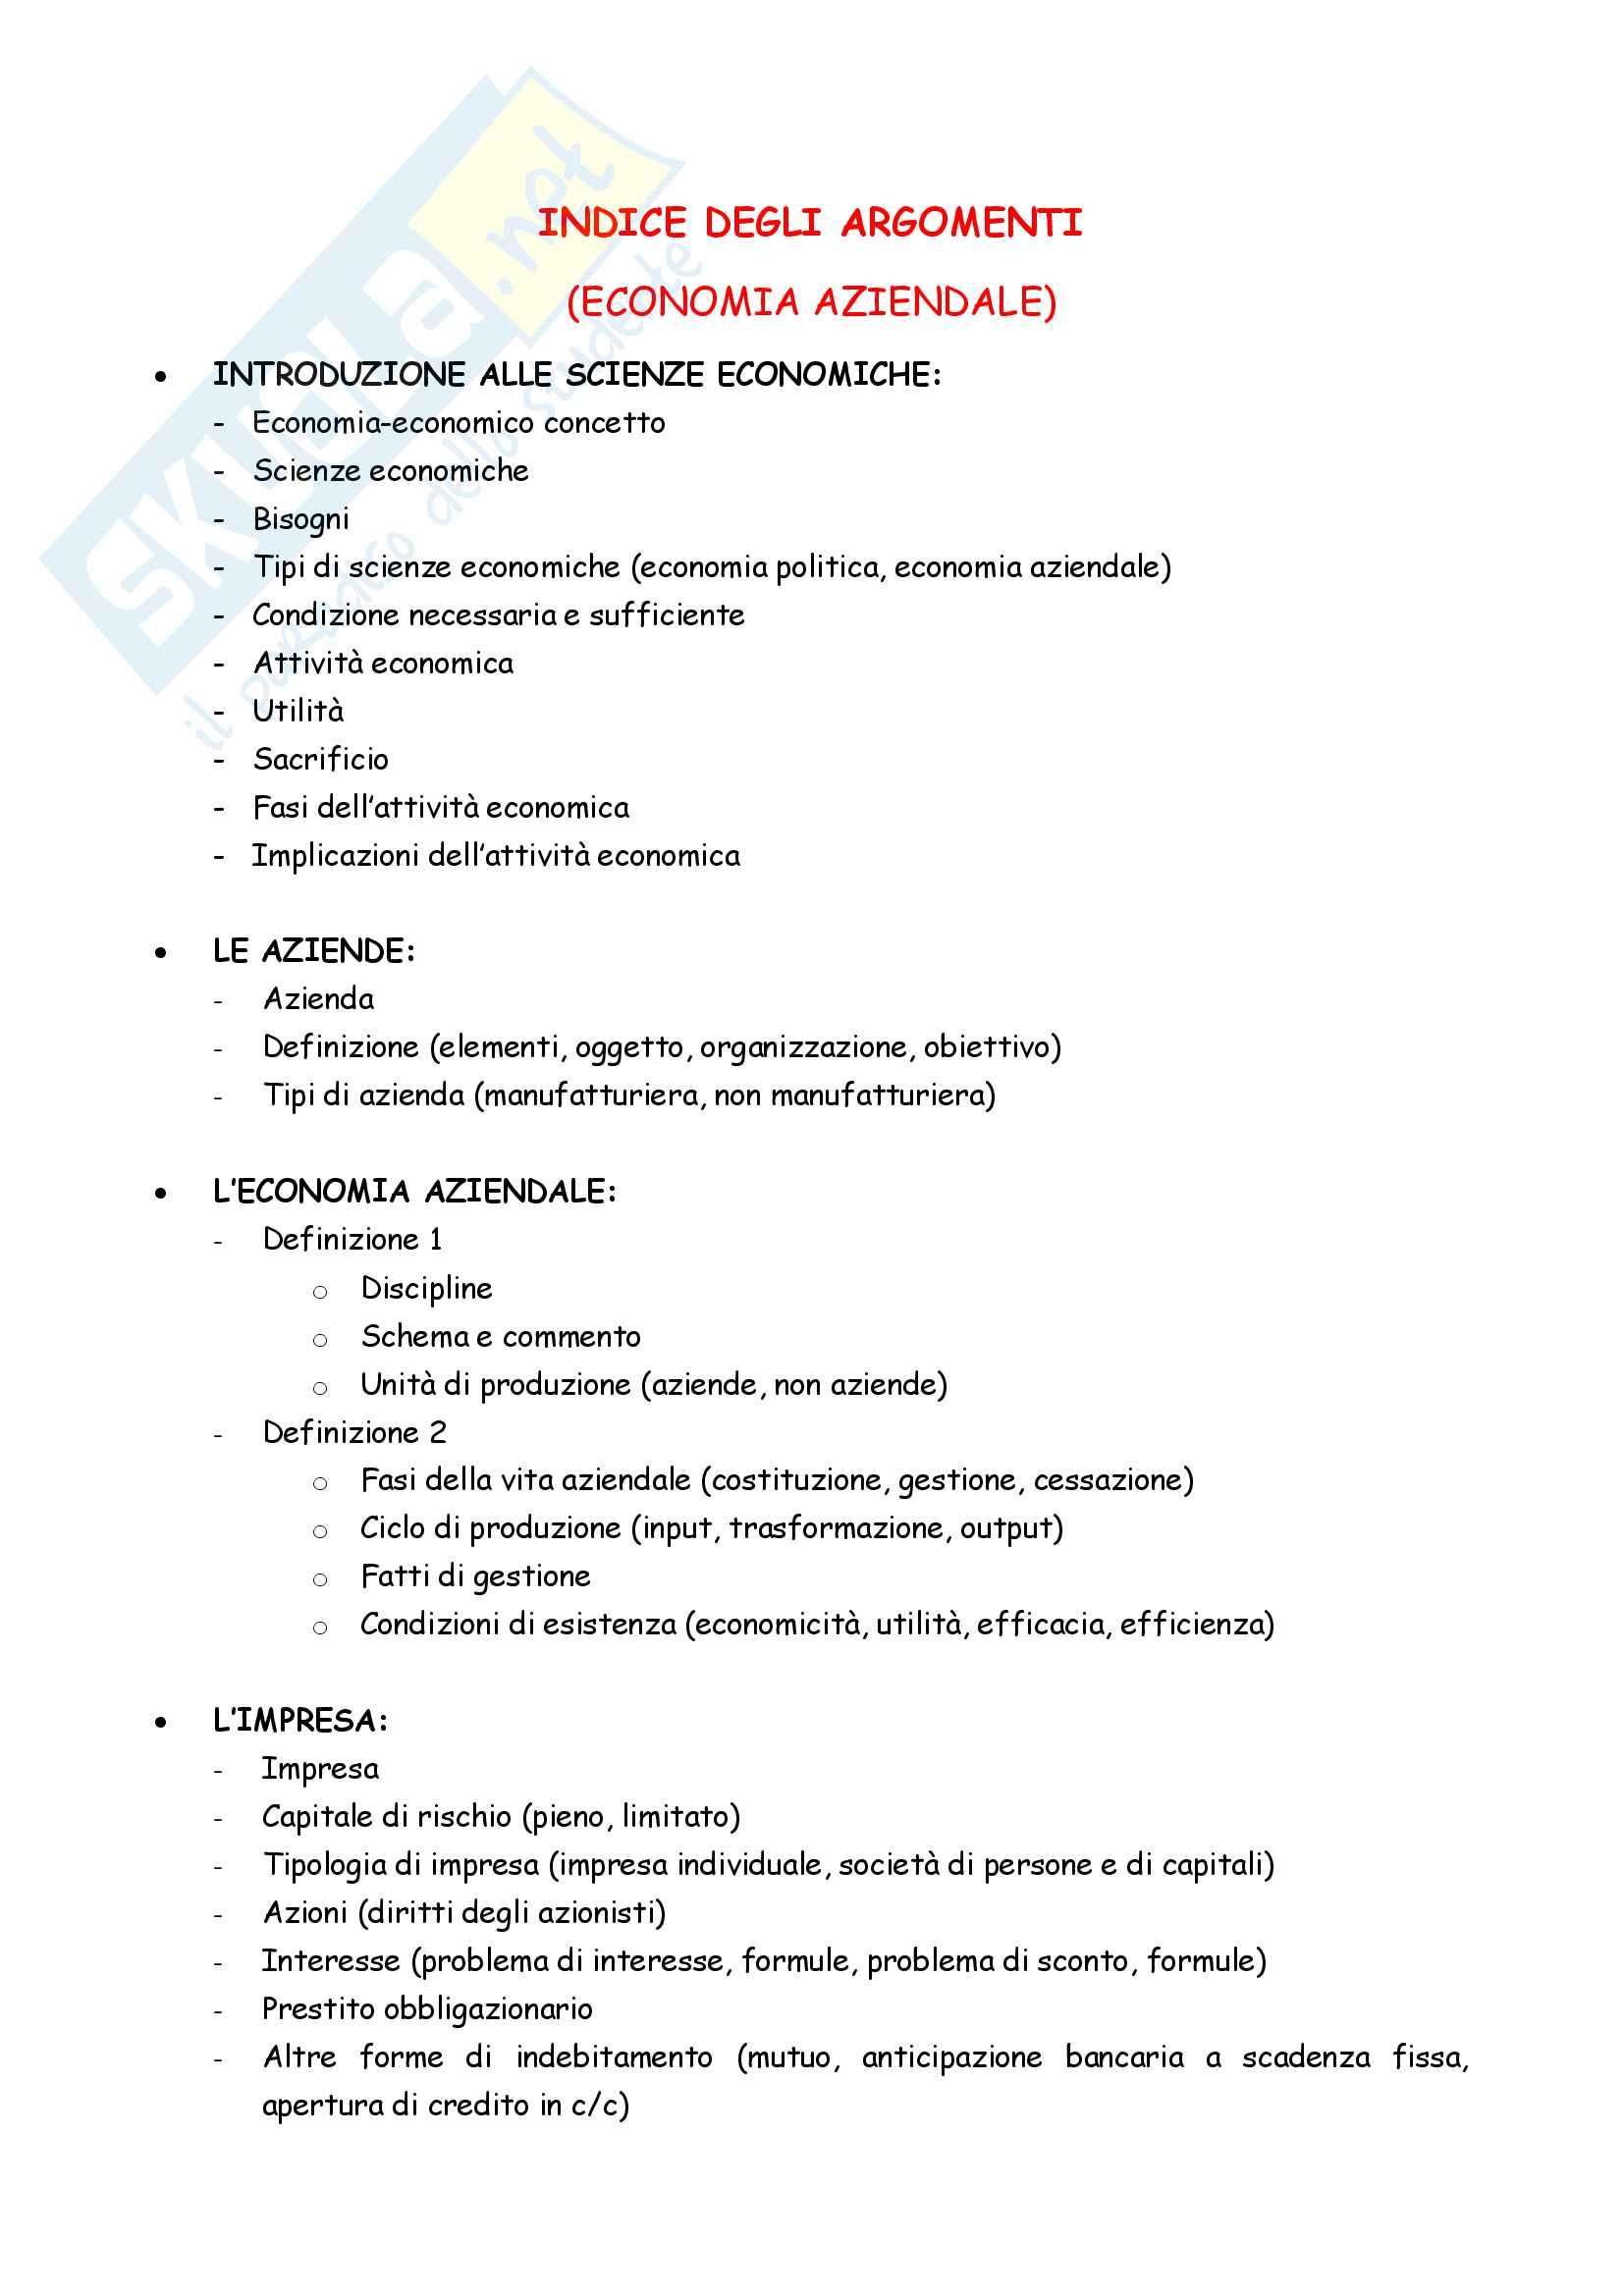 Appunti completi Economia aziendale